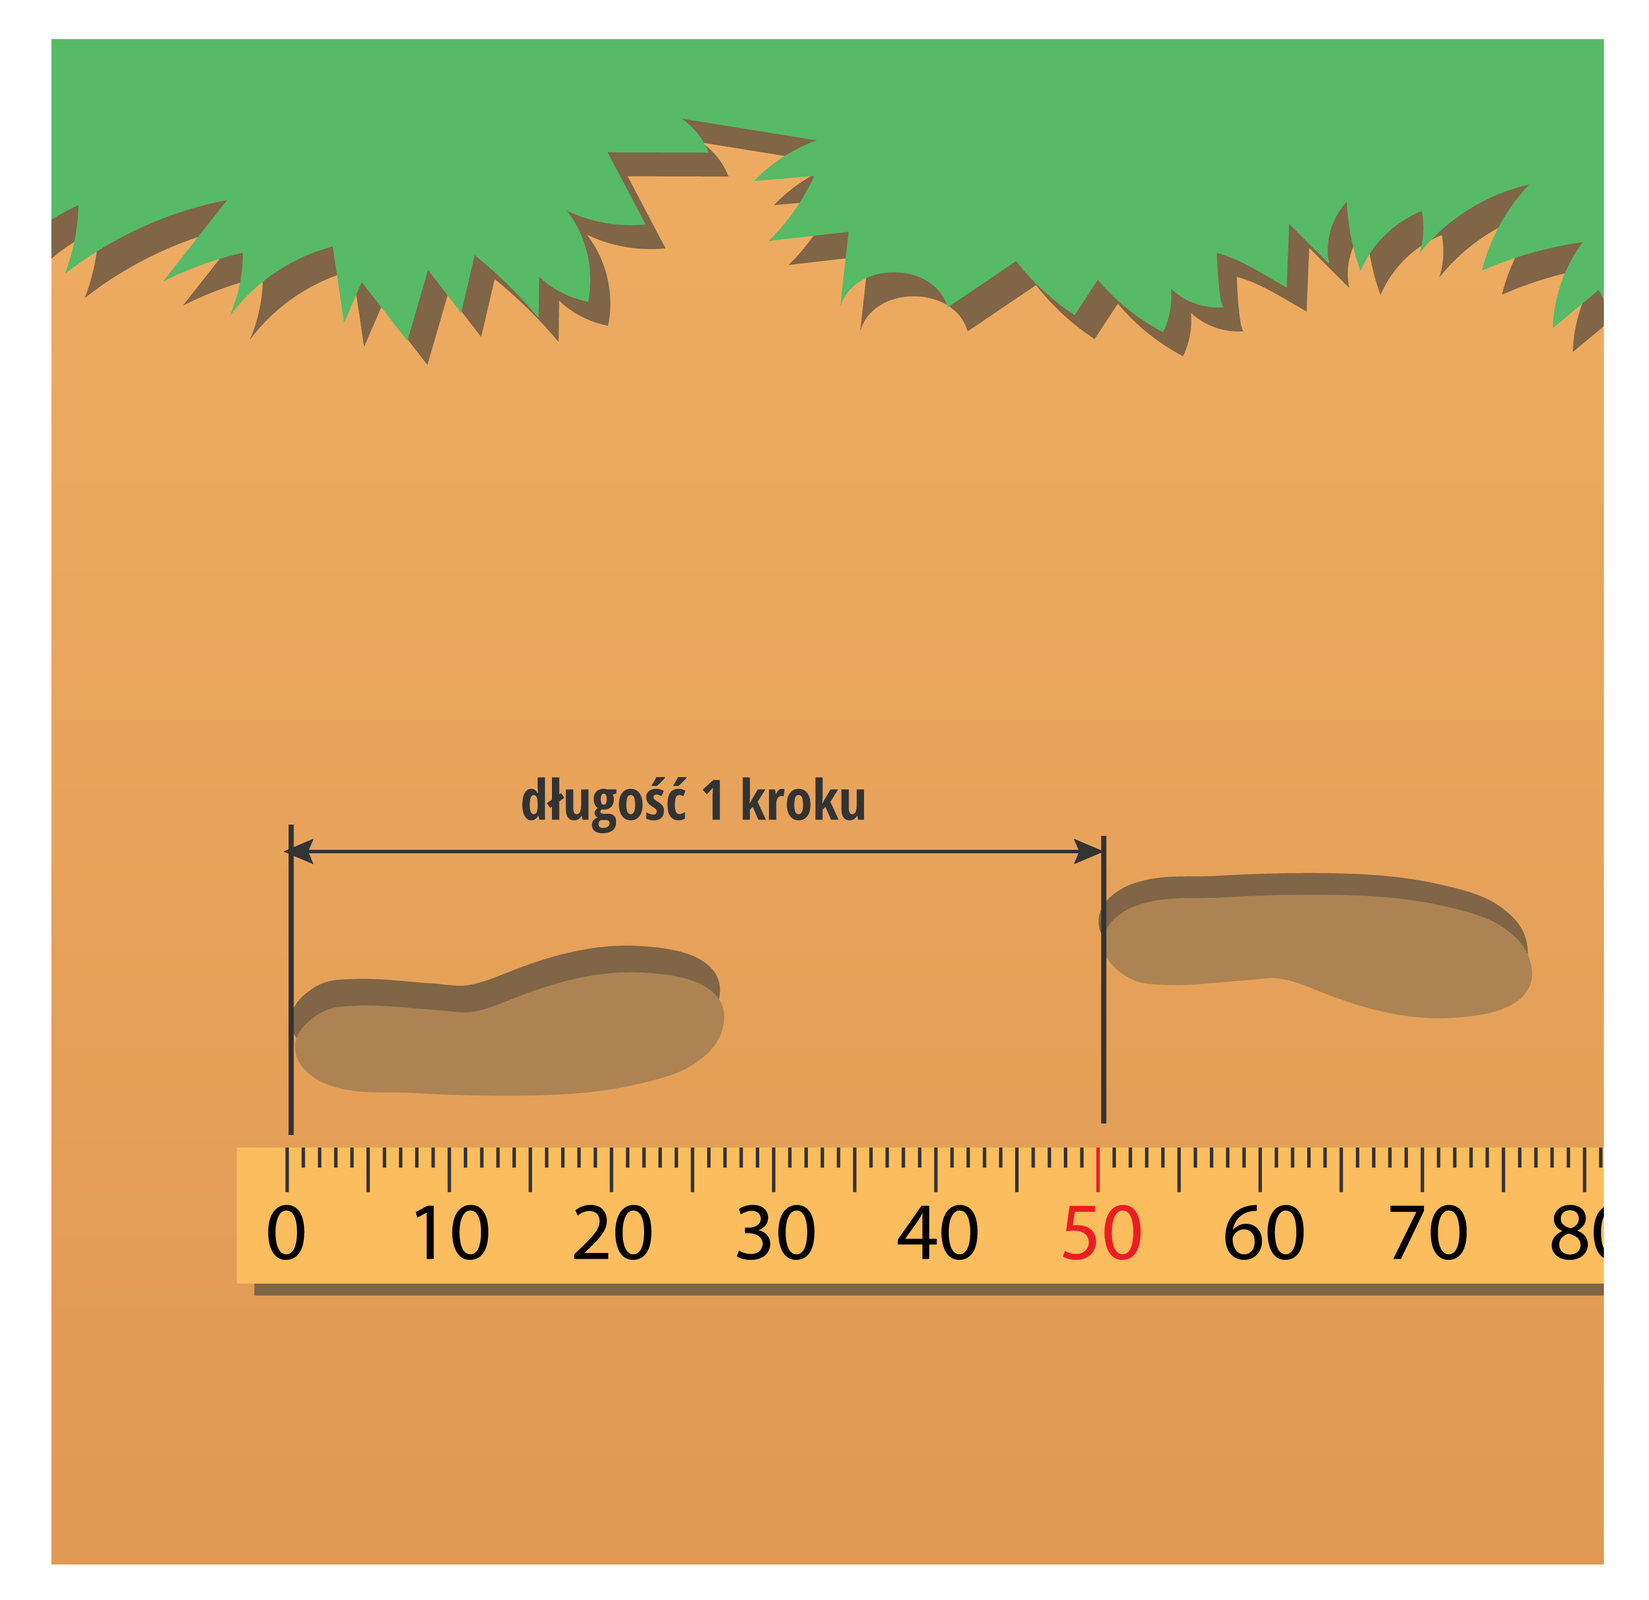 Ilustracja przedstawia drugi etap dokonywania pomiaru odległości metodą liczenia kroków: określenie długości kroku.